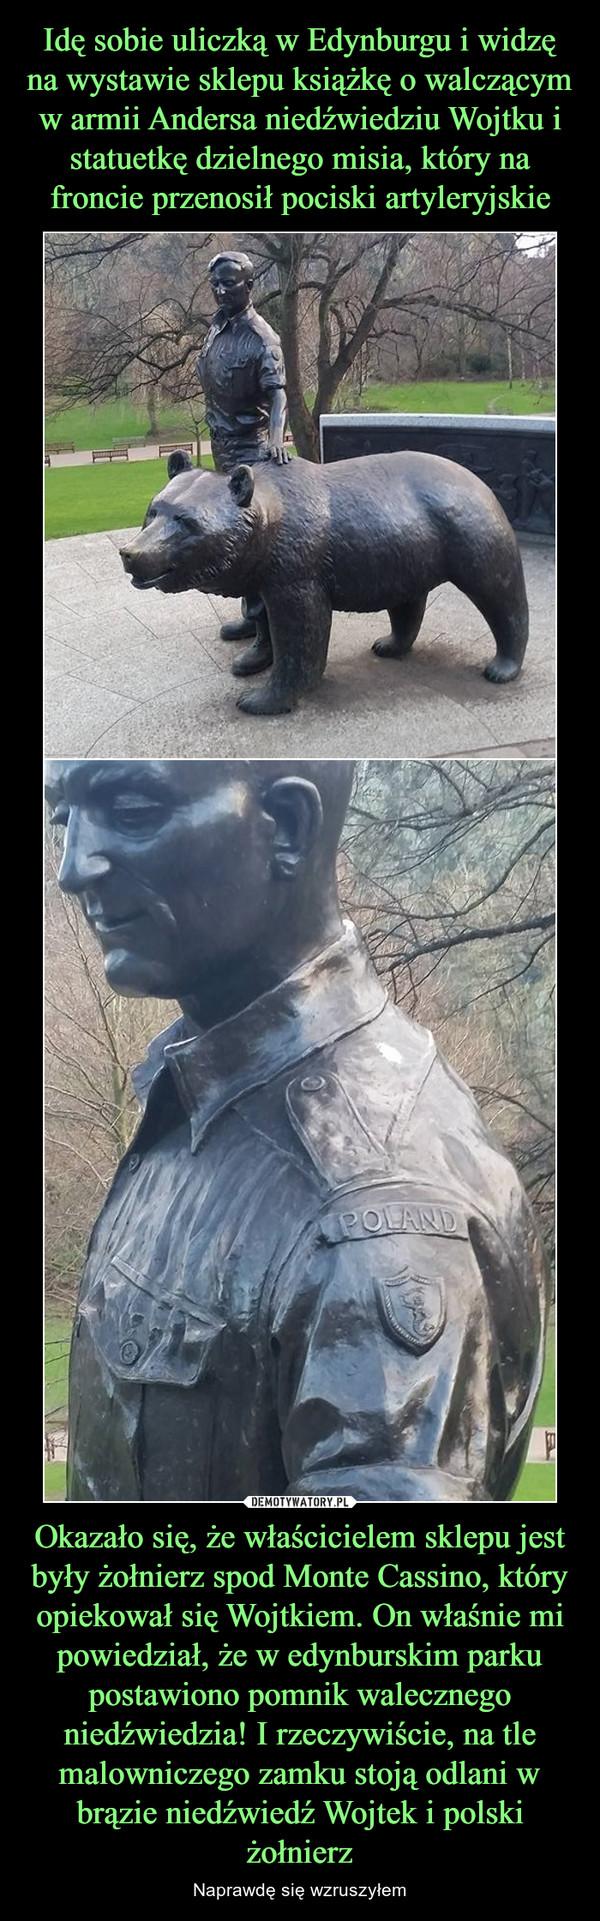 Okazało się, że właścicielem sklepu jest były żołnierz spod Monte Cassino, który opiekował się Wojtkiem. On właśnie mi powiedział, że w edynburskim parku postawiono pomnik walecznego niedźwiedzia! I rzeczywiście, na tle malowniczego zamku stoją odlani w b – Naprawdę się wzruszyłem